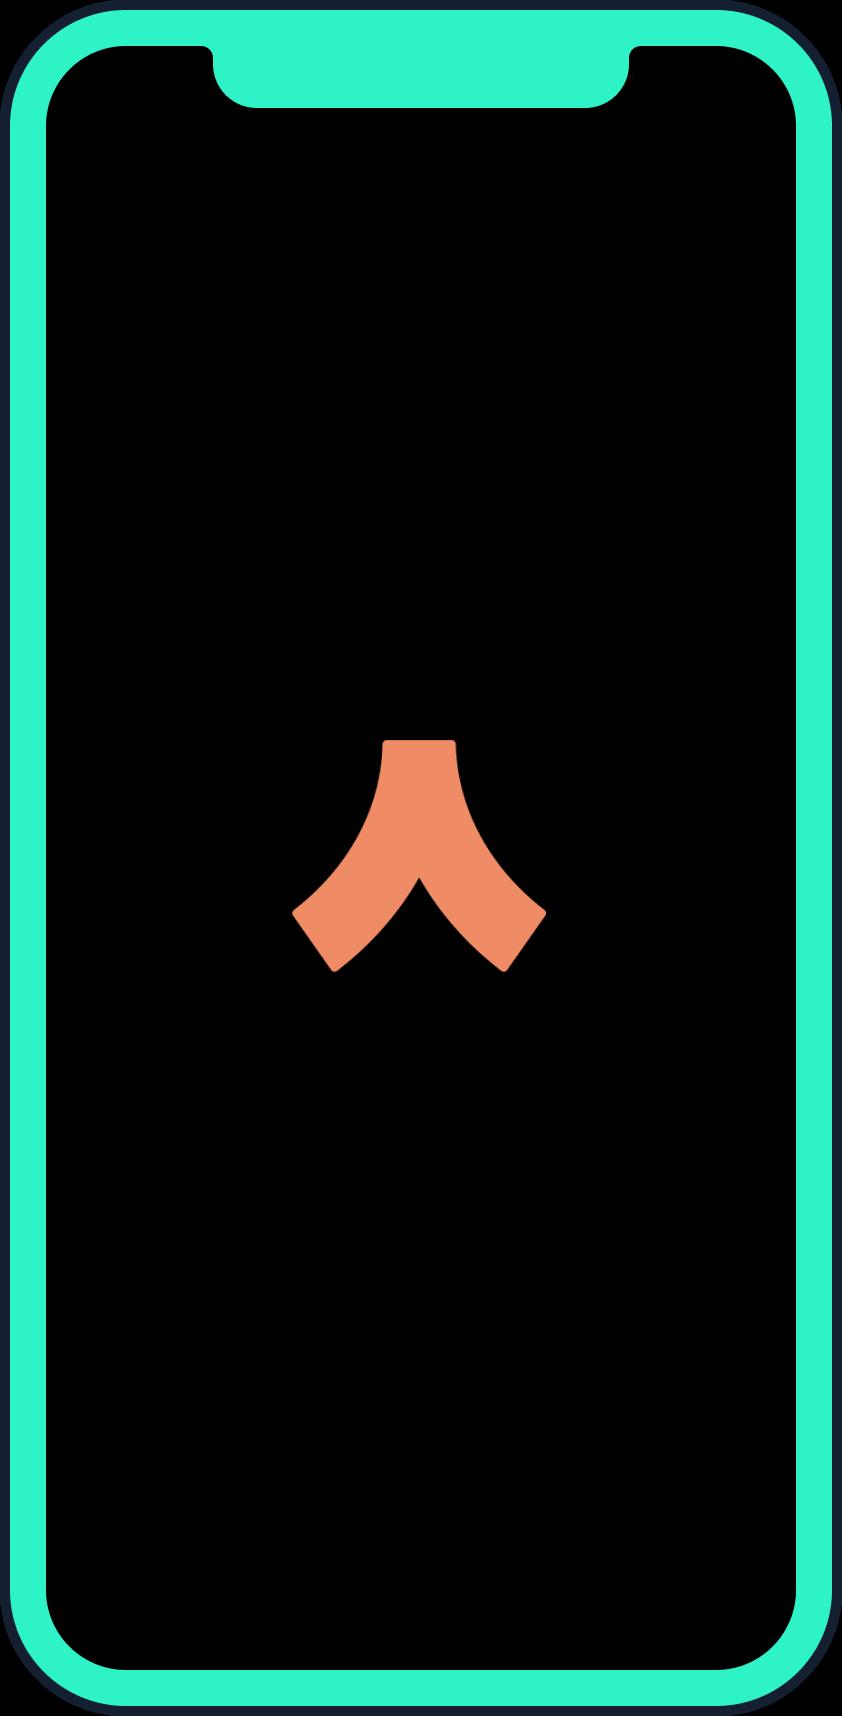 Argent app